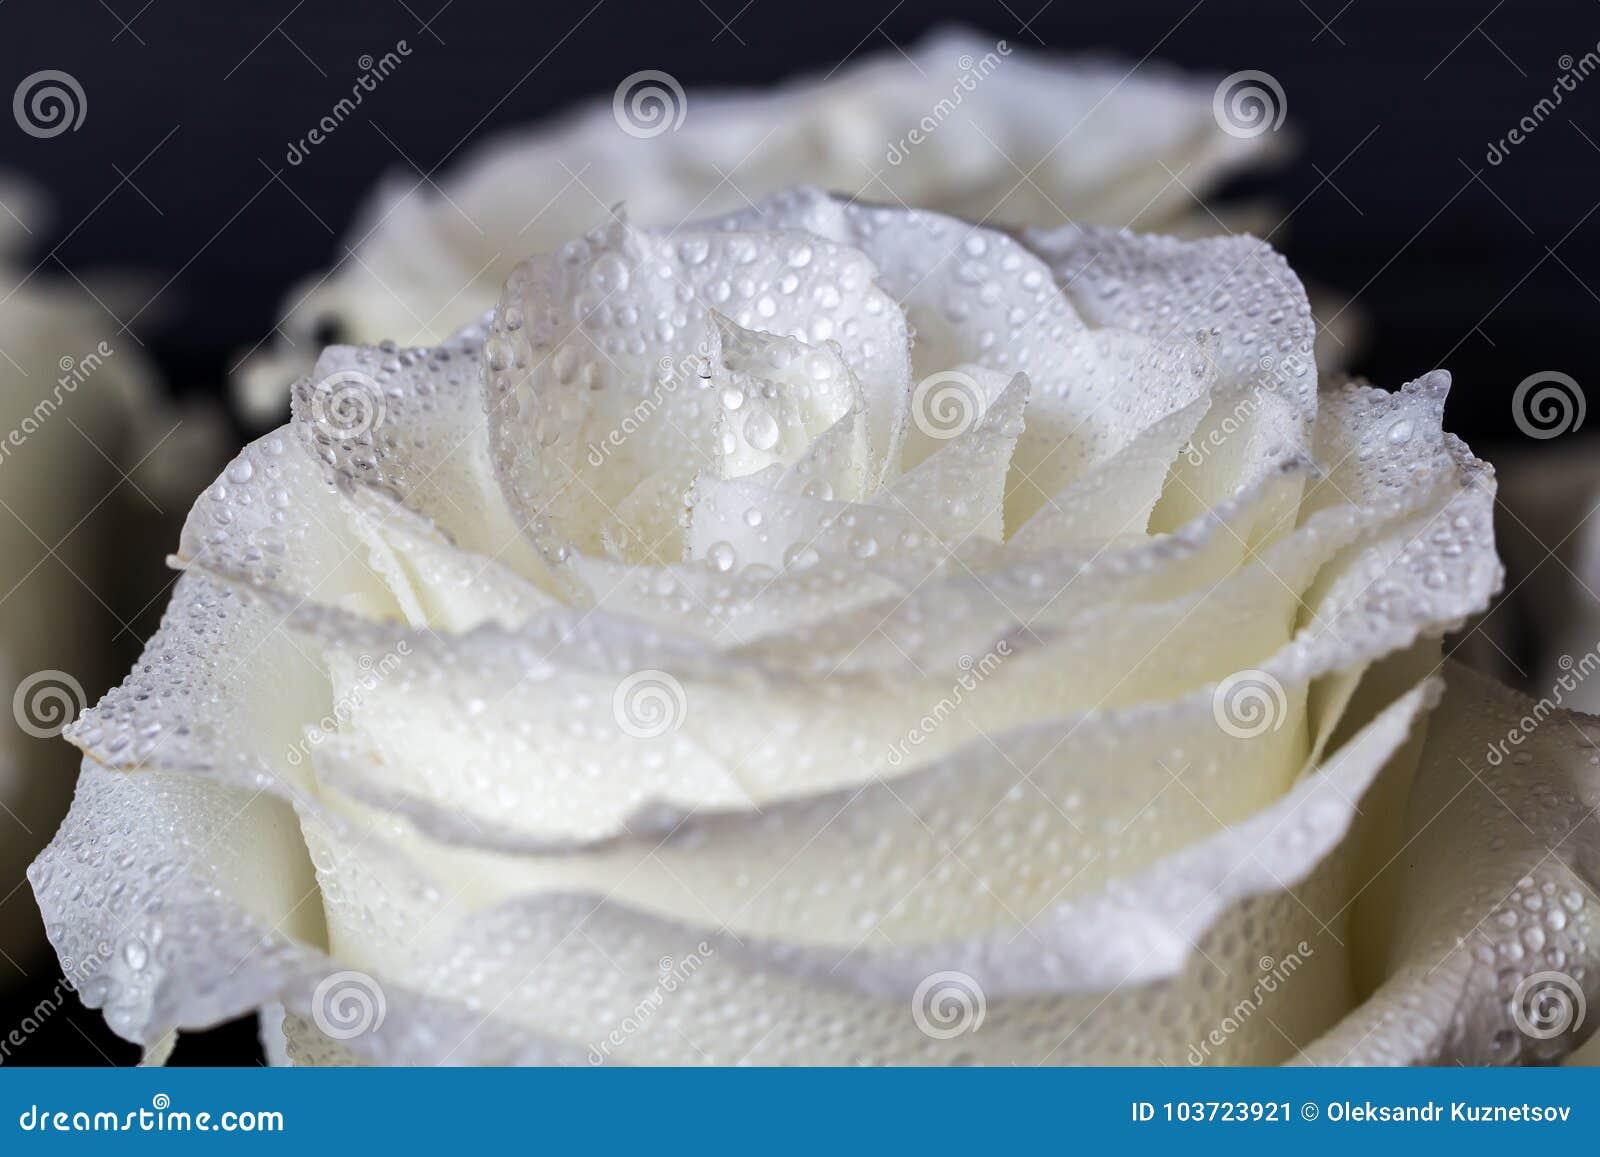 Carta Da Parati Rosa Bianca : Rosa bianca e gocce di acqua sul petalo delle rose carta da parati